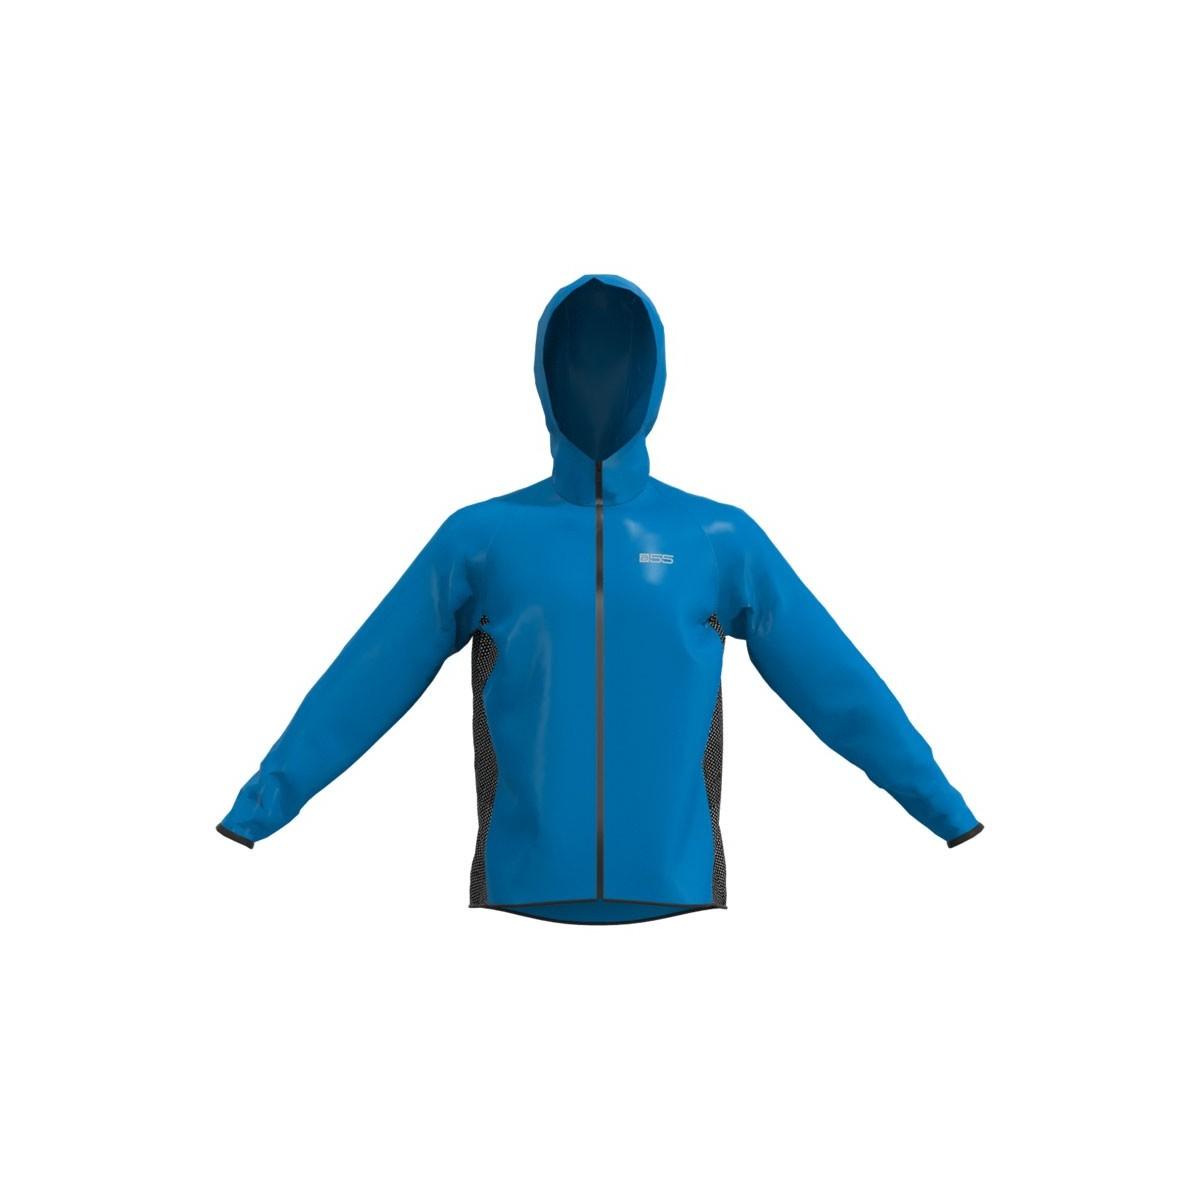 Chaqueta Cortavientos Stride - Azul